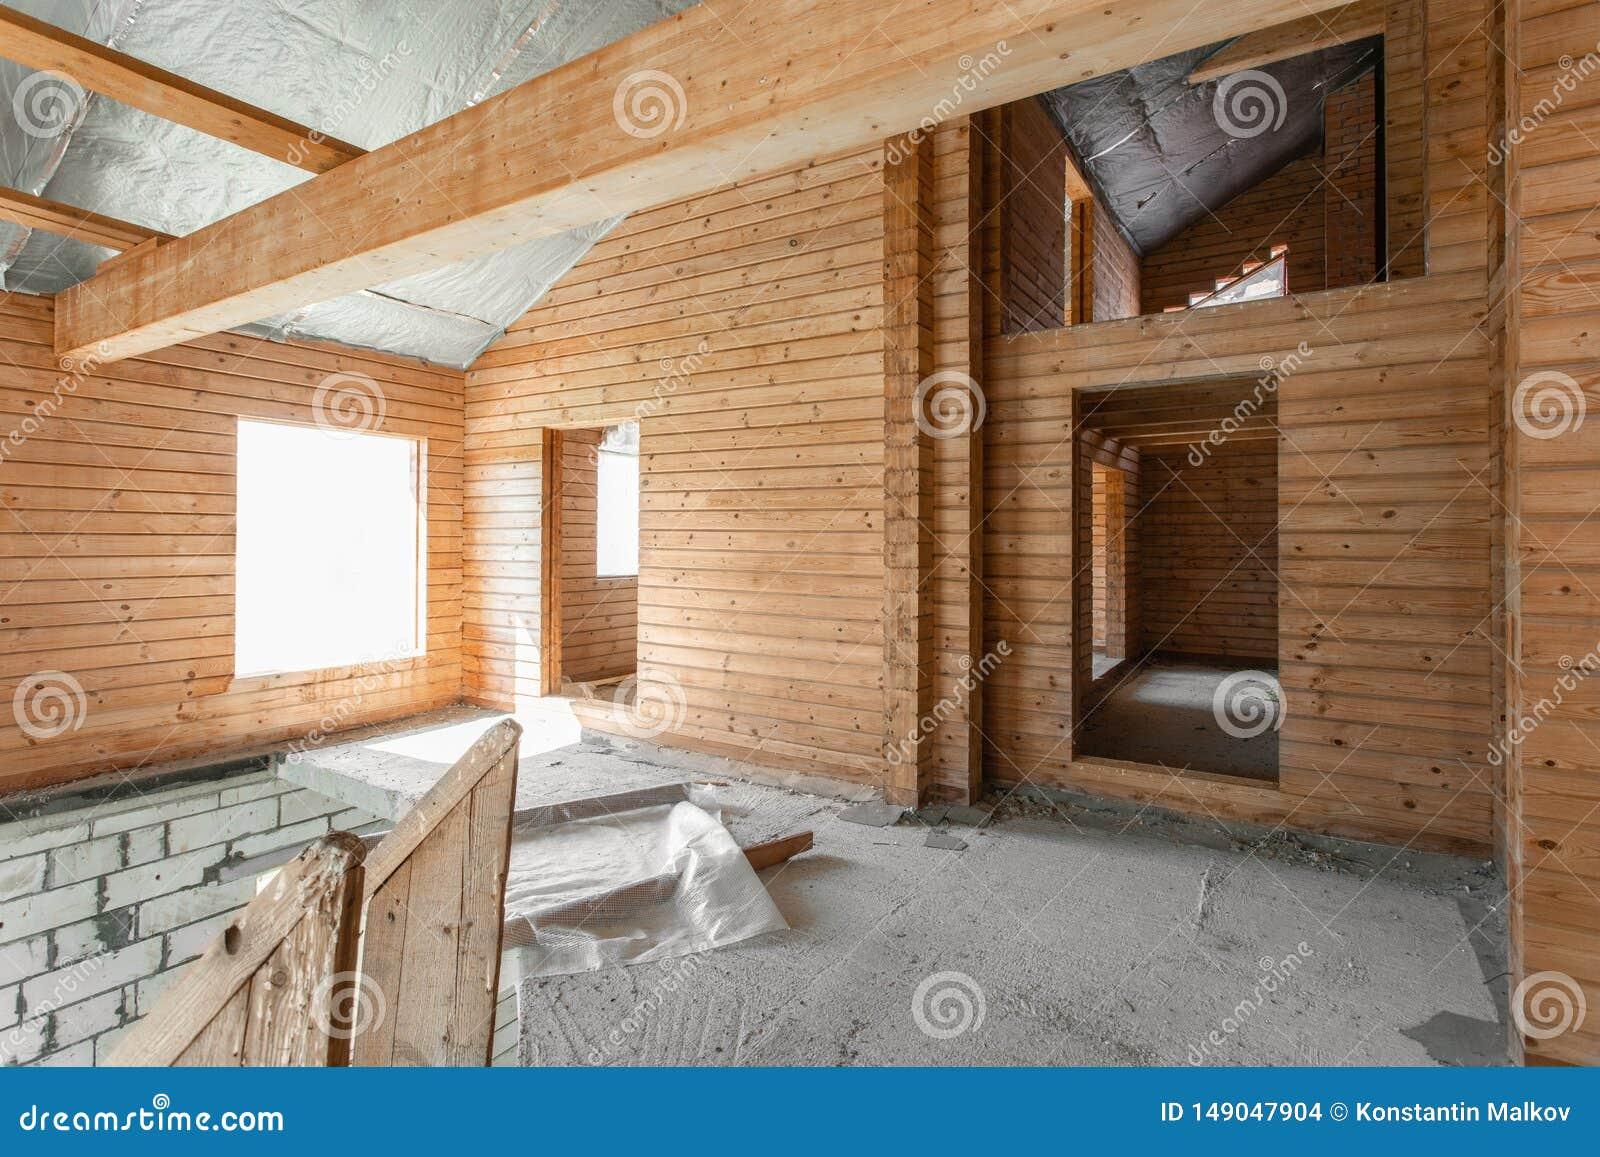 Assoalho do s?t?o da casa revis?o e reconstru??o Processo de trabalho de aquecimento dentro da pe?a do telhado casa ou